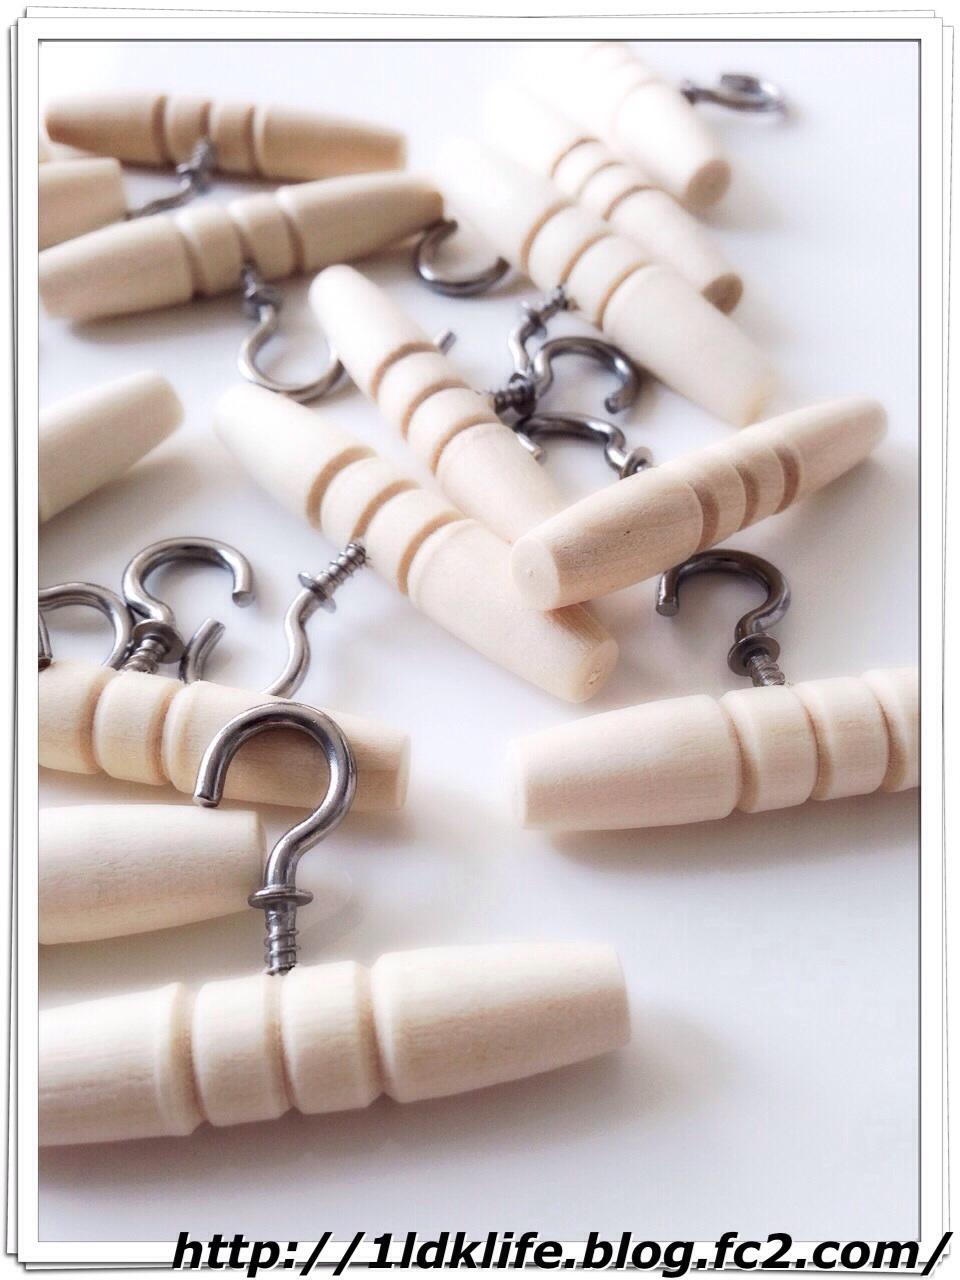 リカちゃん人形用手作りハンガー